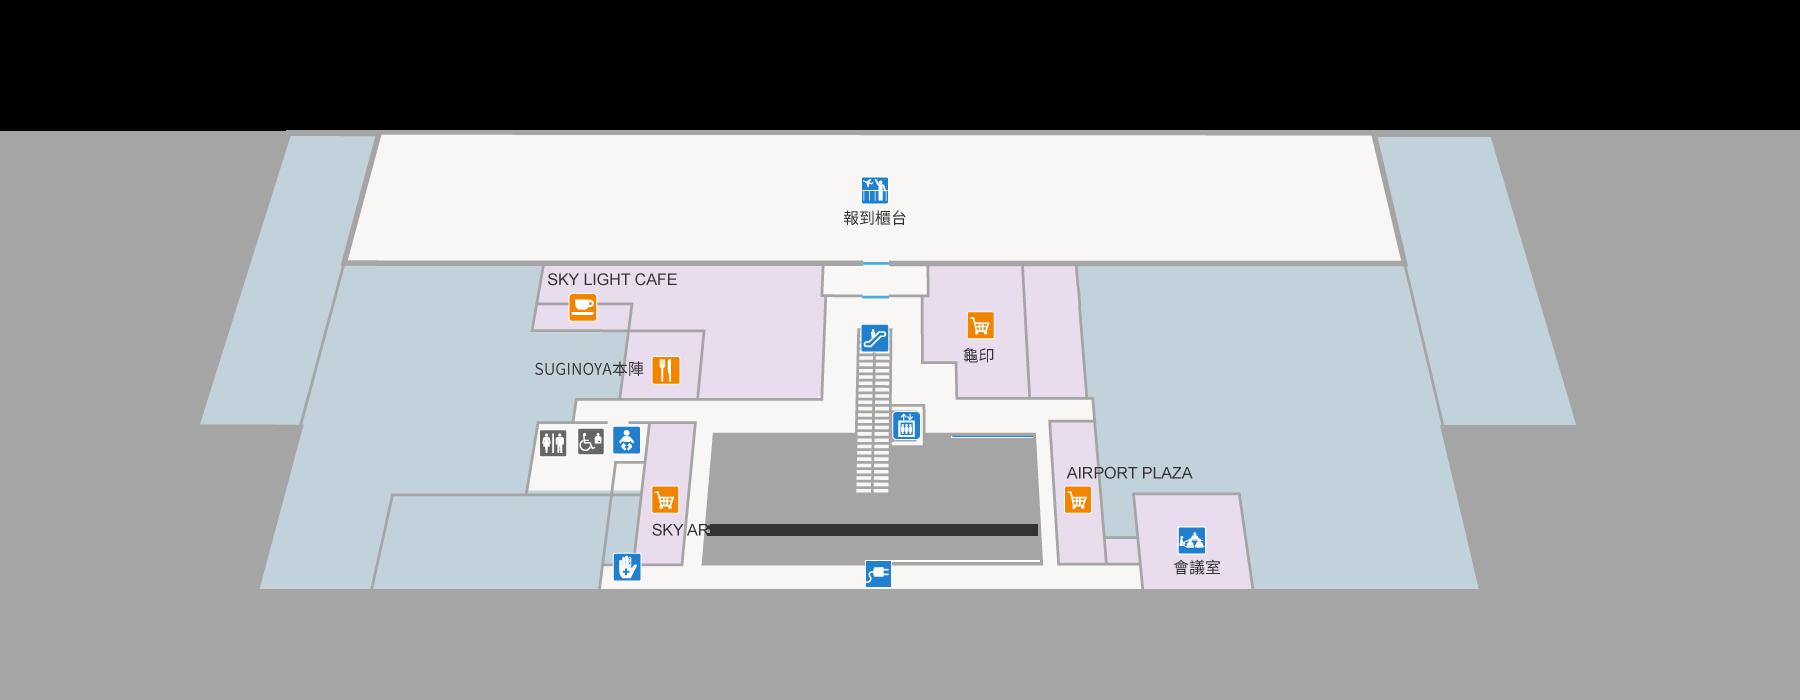 2樓的服務設施、設備